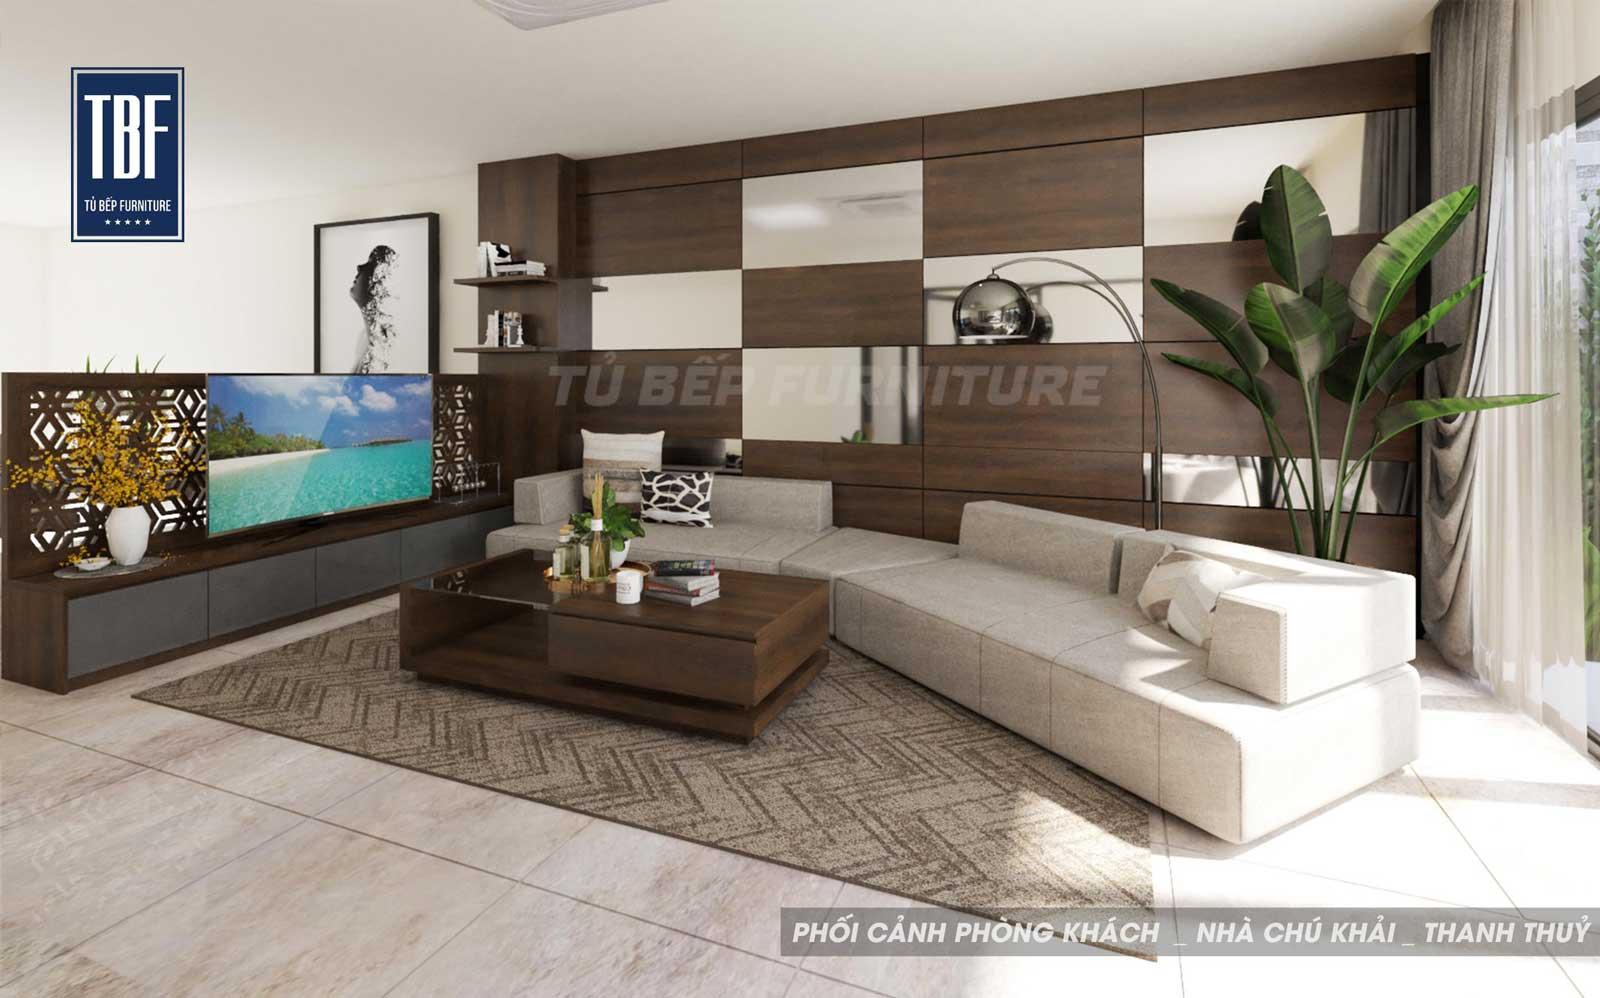 Thiết kế nội thất tận dụng sự tương phản về màu sắc